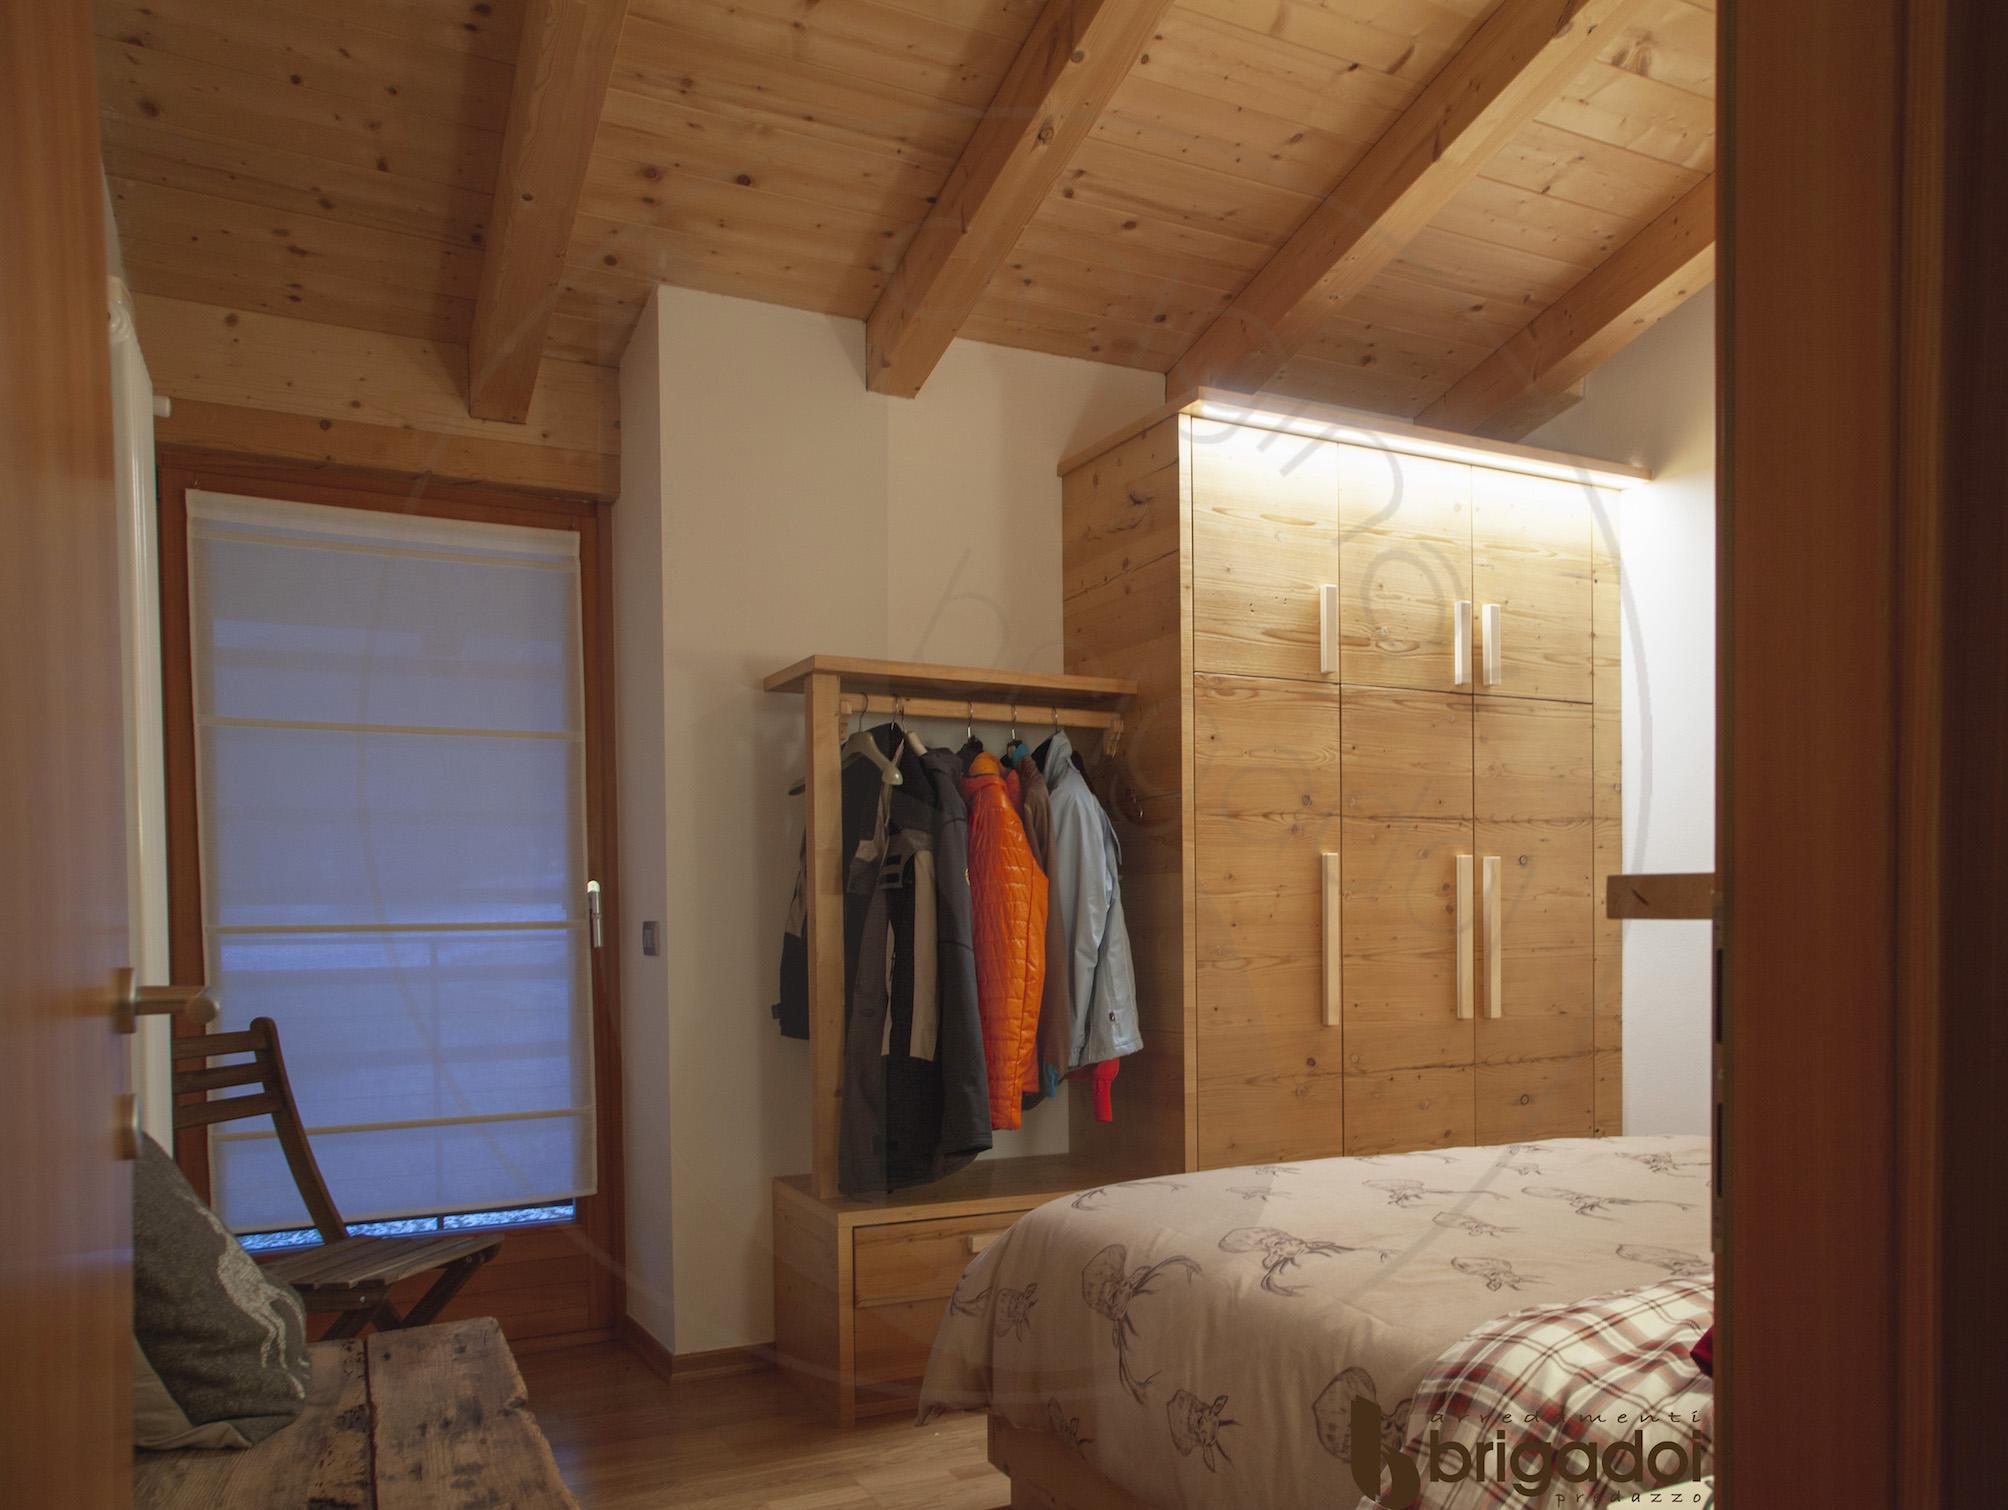 arredamenti falegnameria brigadoi legno trentino val di fiemme design mountain dolomiti camera